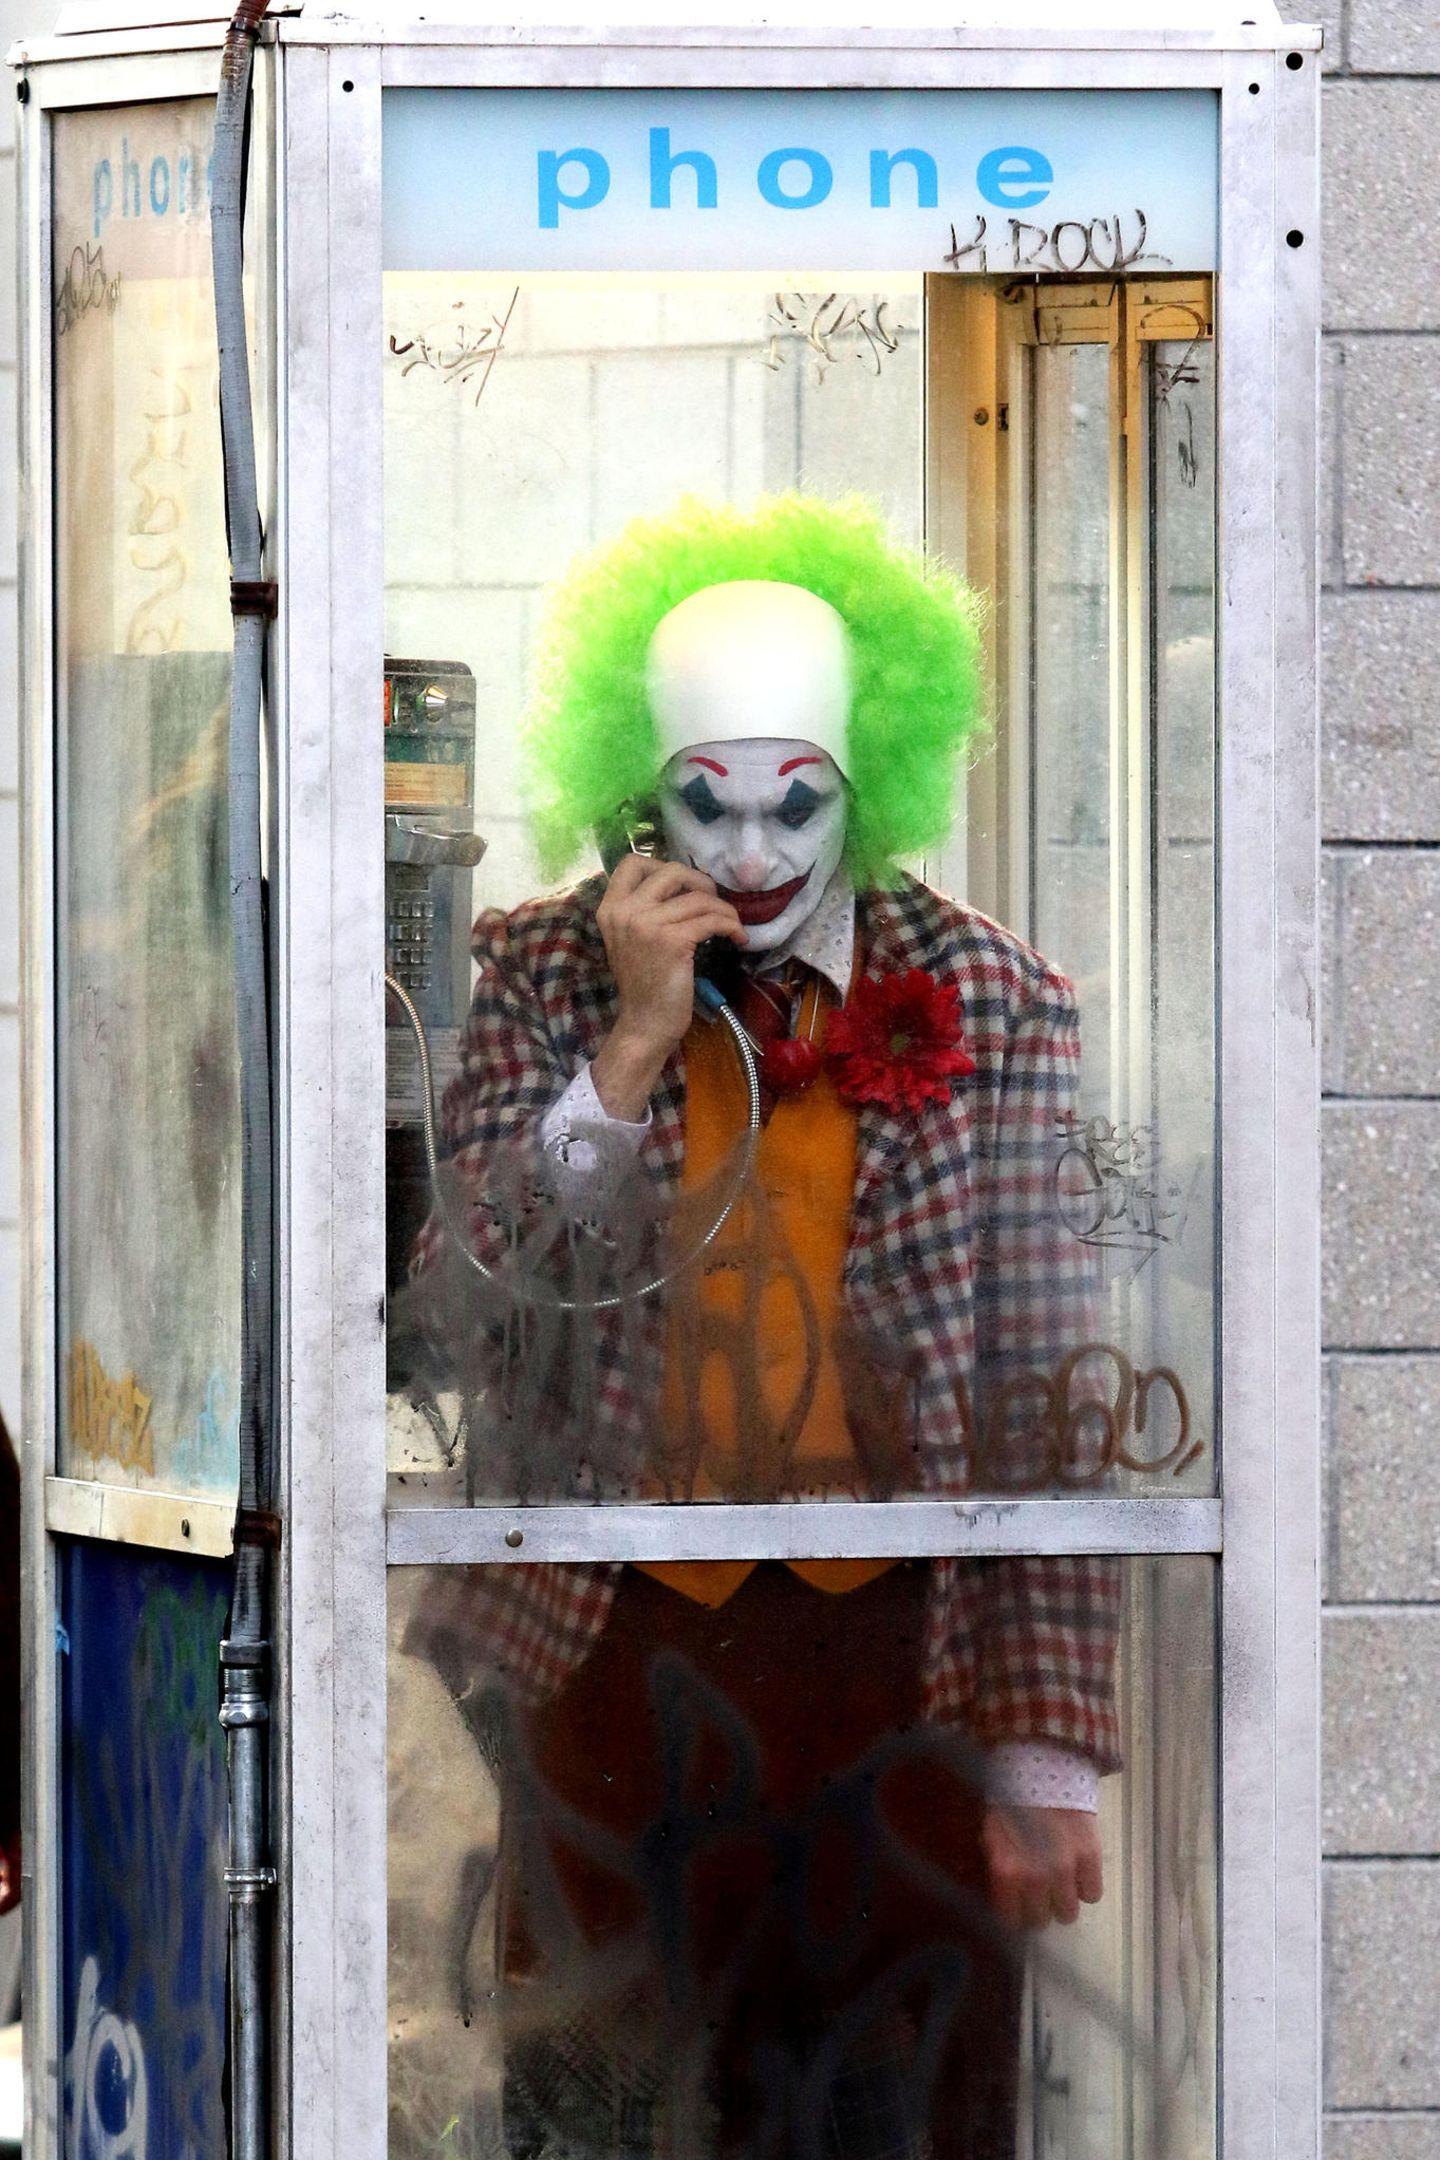 Schaurige Szenen mitten in Manhattan. Eine kleine, verschmierte Telefonzelle nebst Müllberg ist der Handlungsort des neusten Videos von den Dreharbeiten für Todd Phillips' kommenden Joker-Film. In diesem sehen wir Hauptdarsteller Joaquin Phoenix in der Rolle von Arthur Fleck als jenen knalligen Clown.